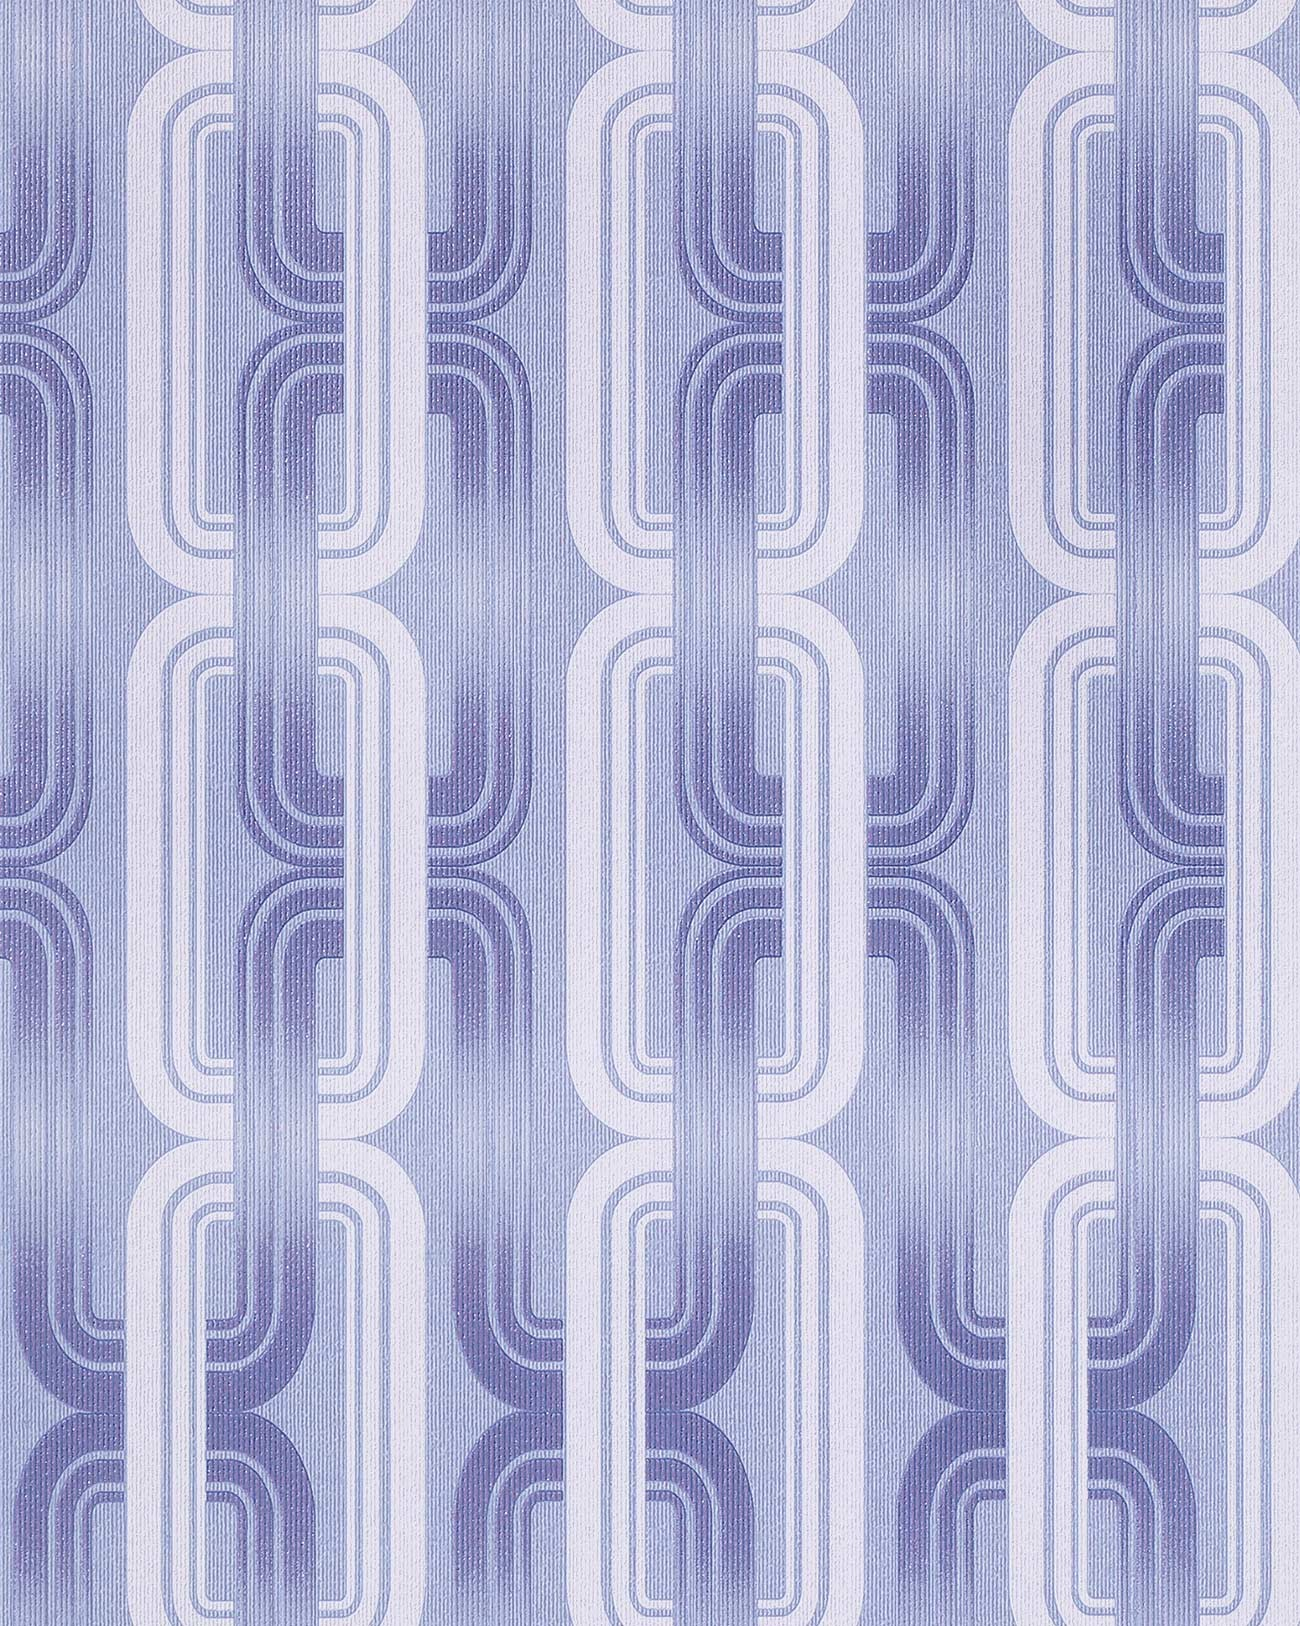 Tr s tendance ann es 70 retro papier peint edem 038 22 style graphiste blue l - Papier peint style annee 70 ...